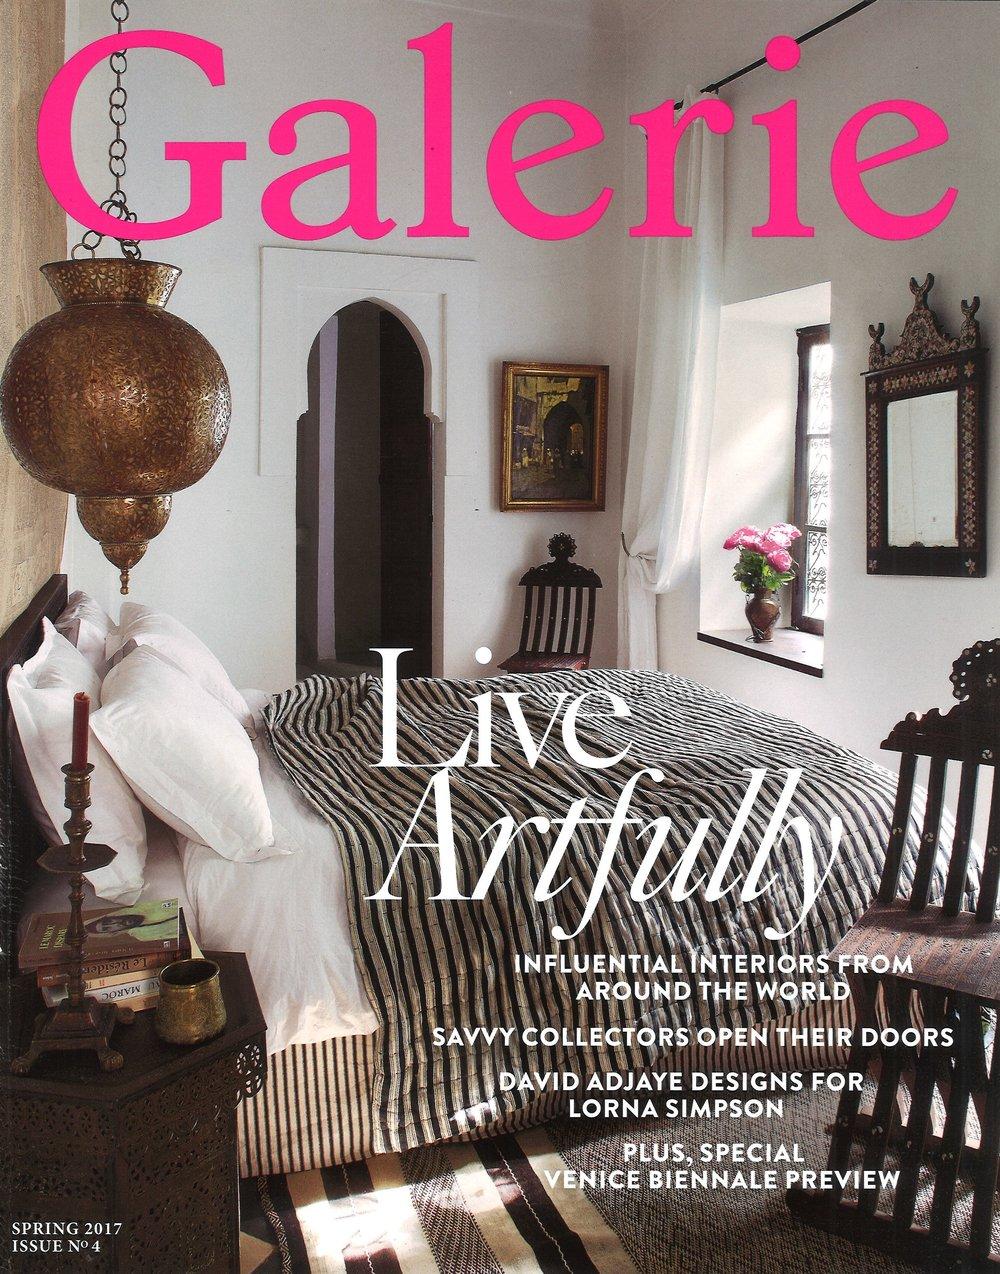 galerie spring17 cover.jpg